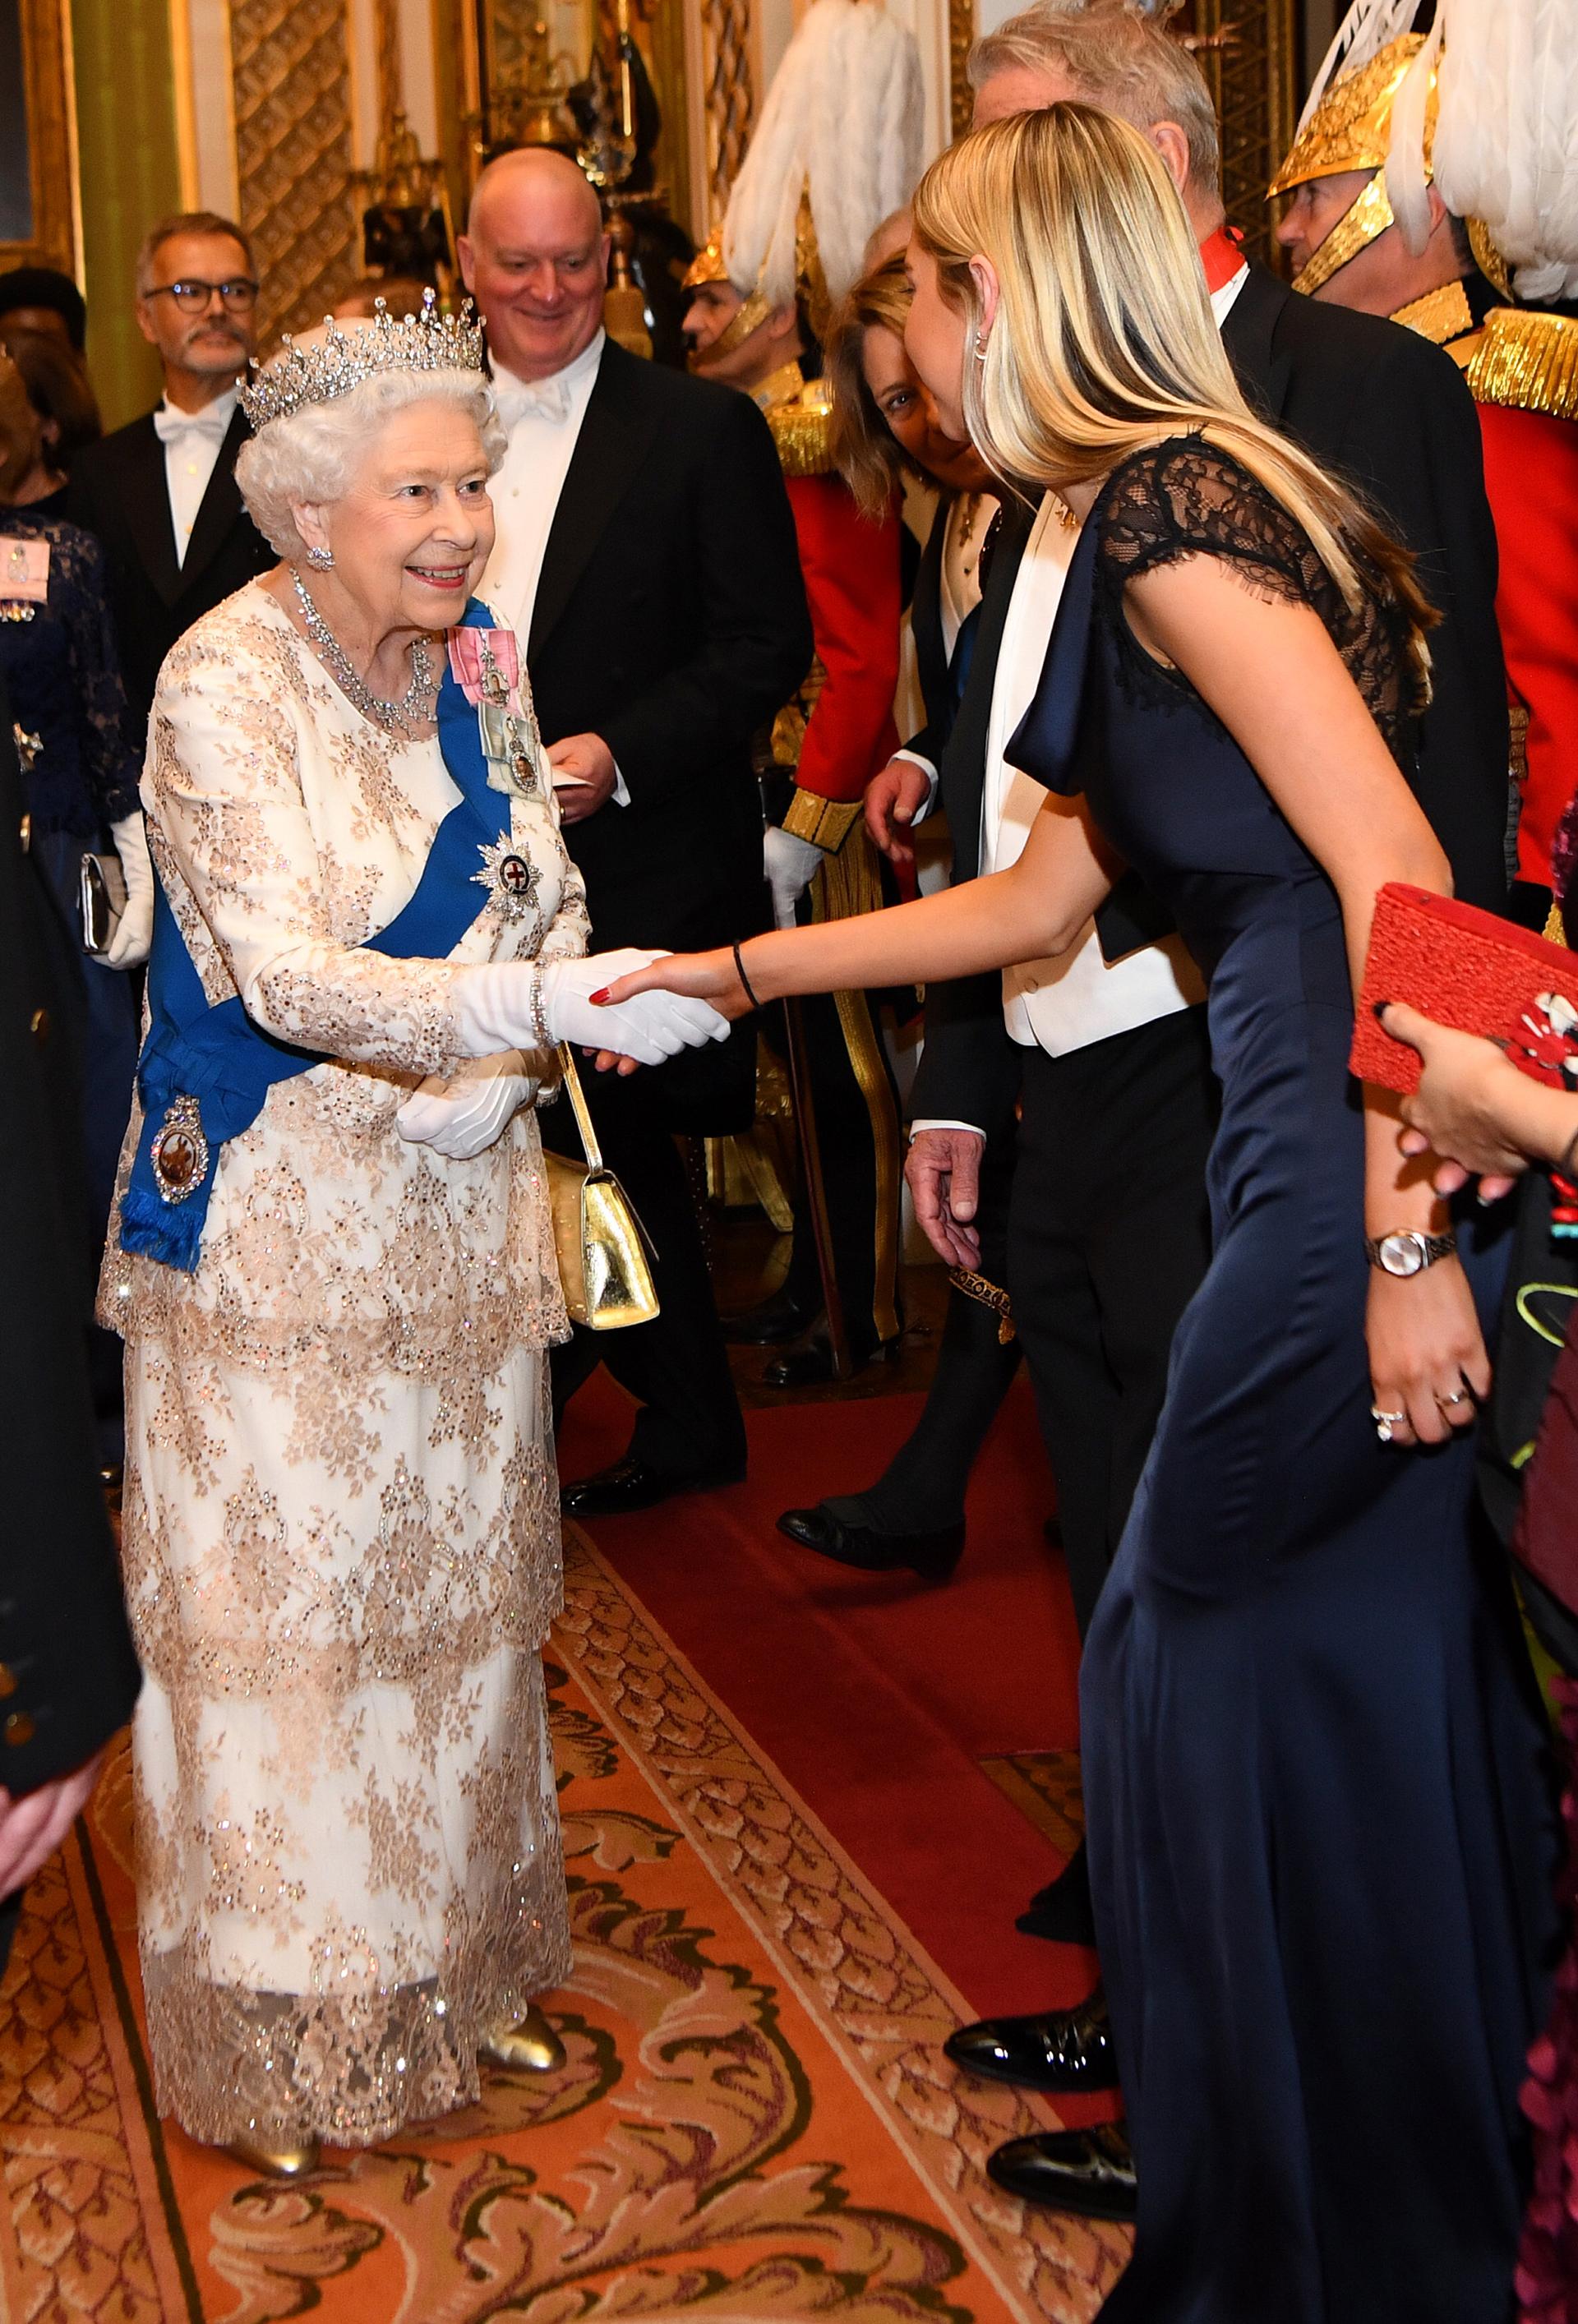 La reina saluda a los integrantes de la familia del embajador de Noruega, entre muchos otros miembros que asistieron y que conforman el cuerpo diplomático